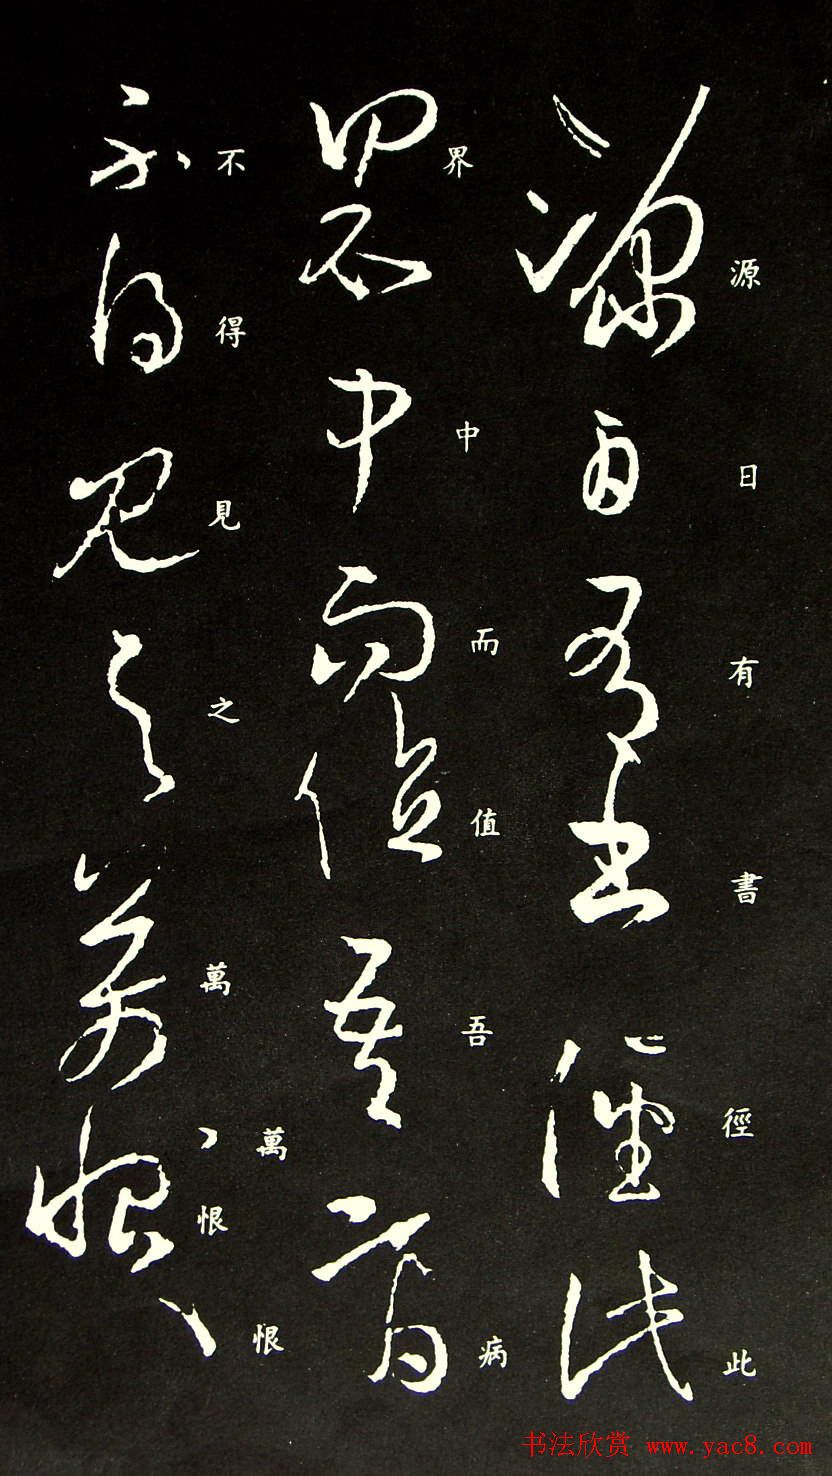 王羲之草书欣赏《源日帖》拓本二种